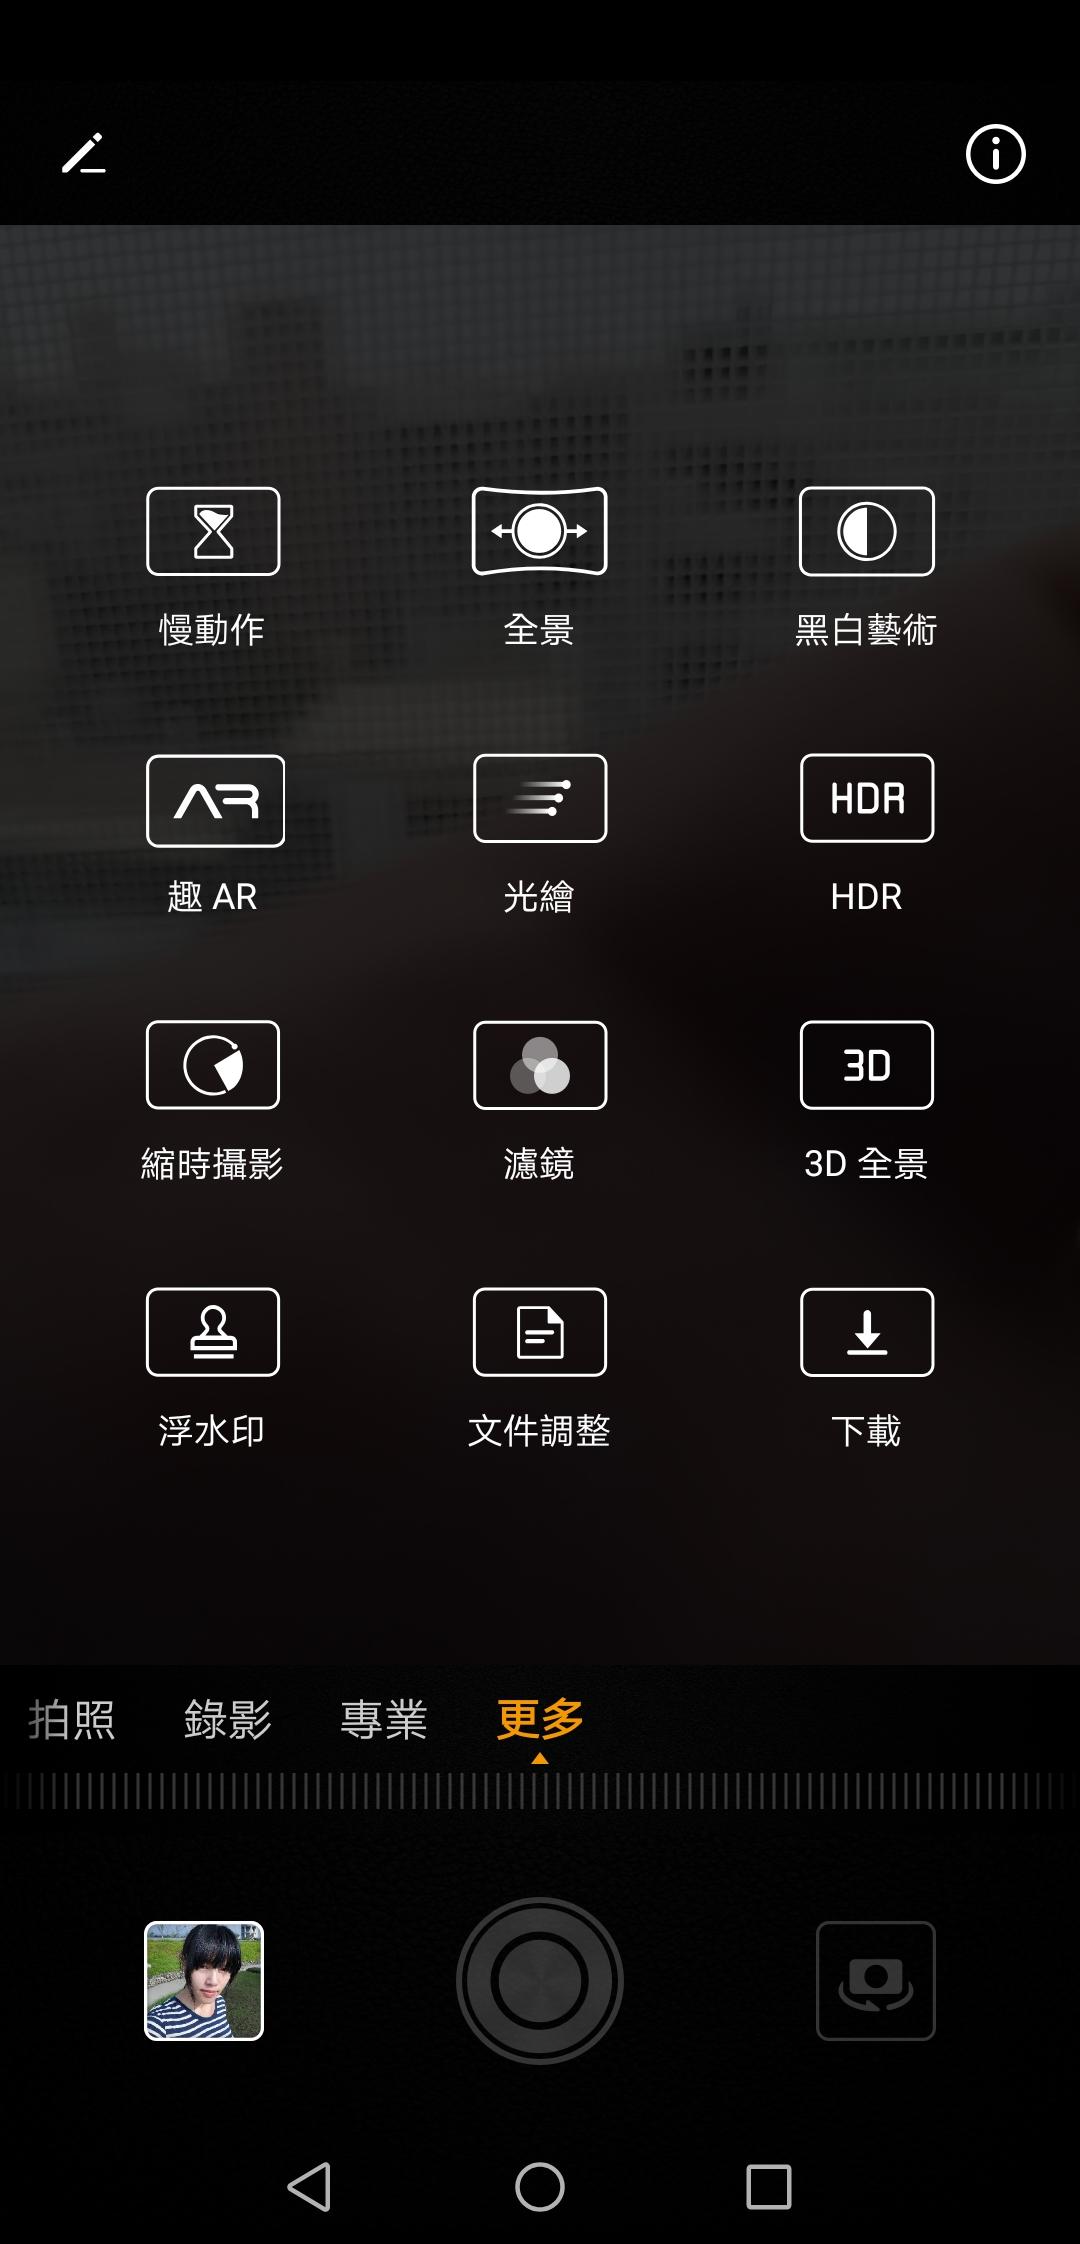 華為 三鏡頭手機